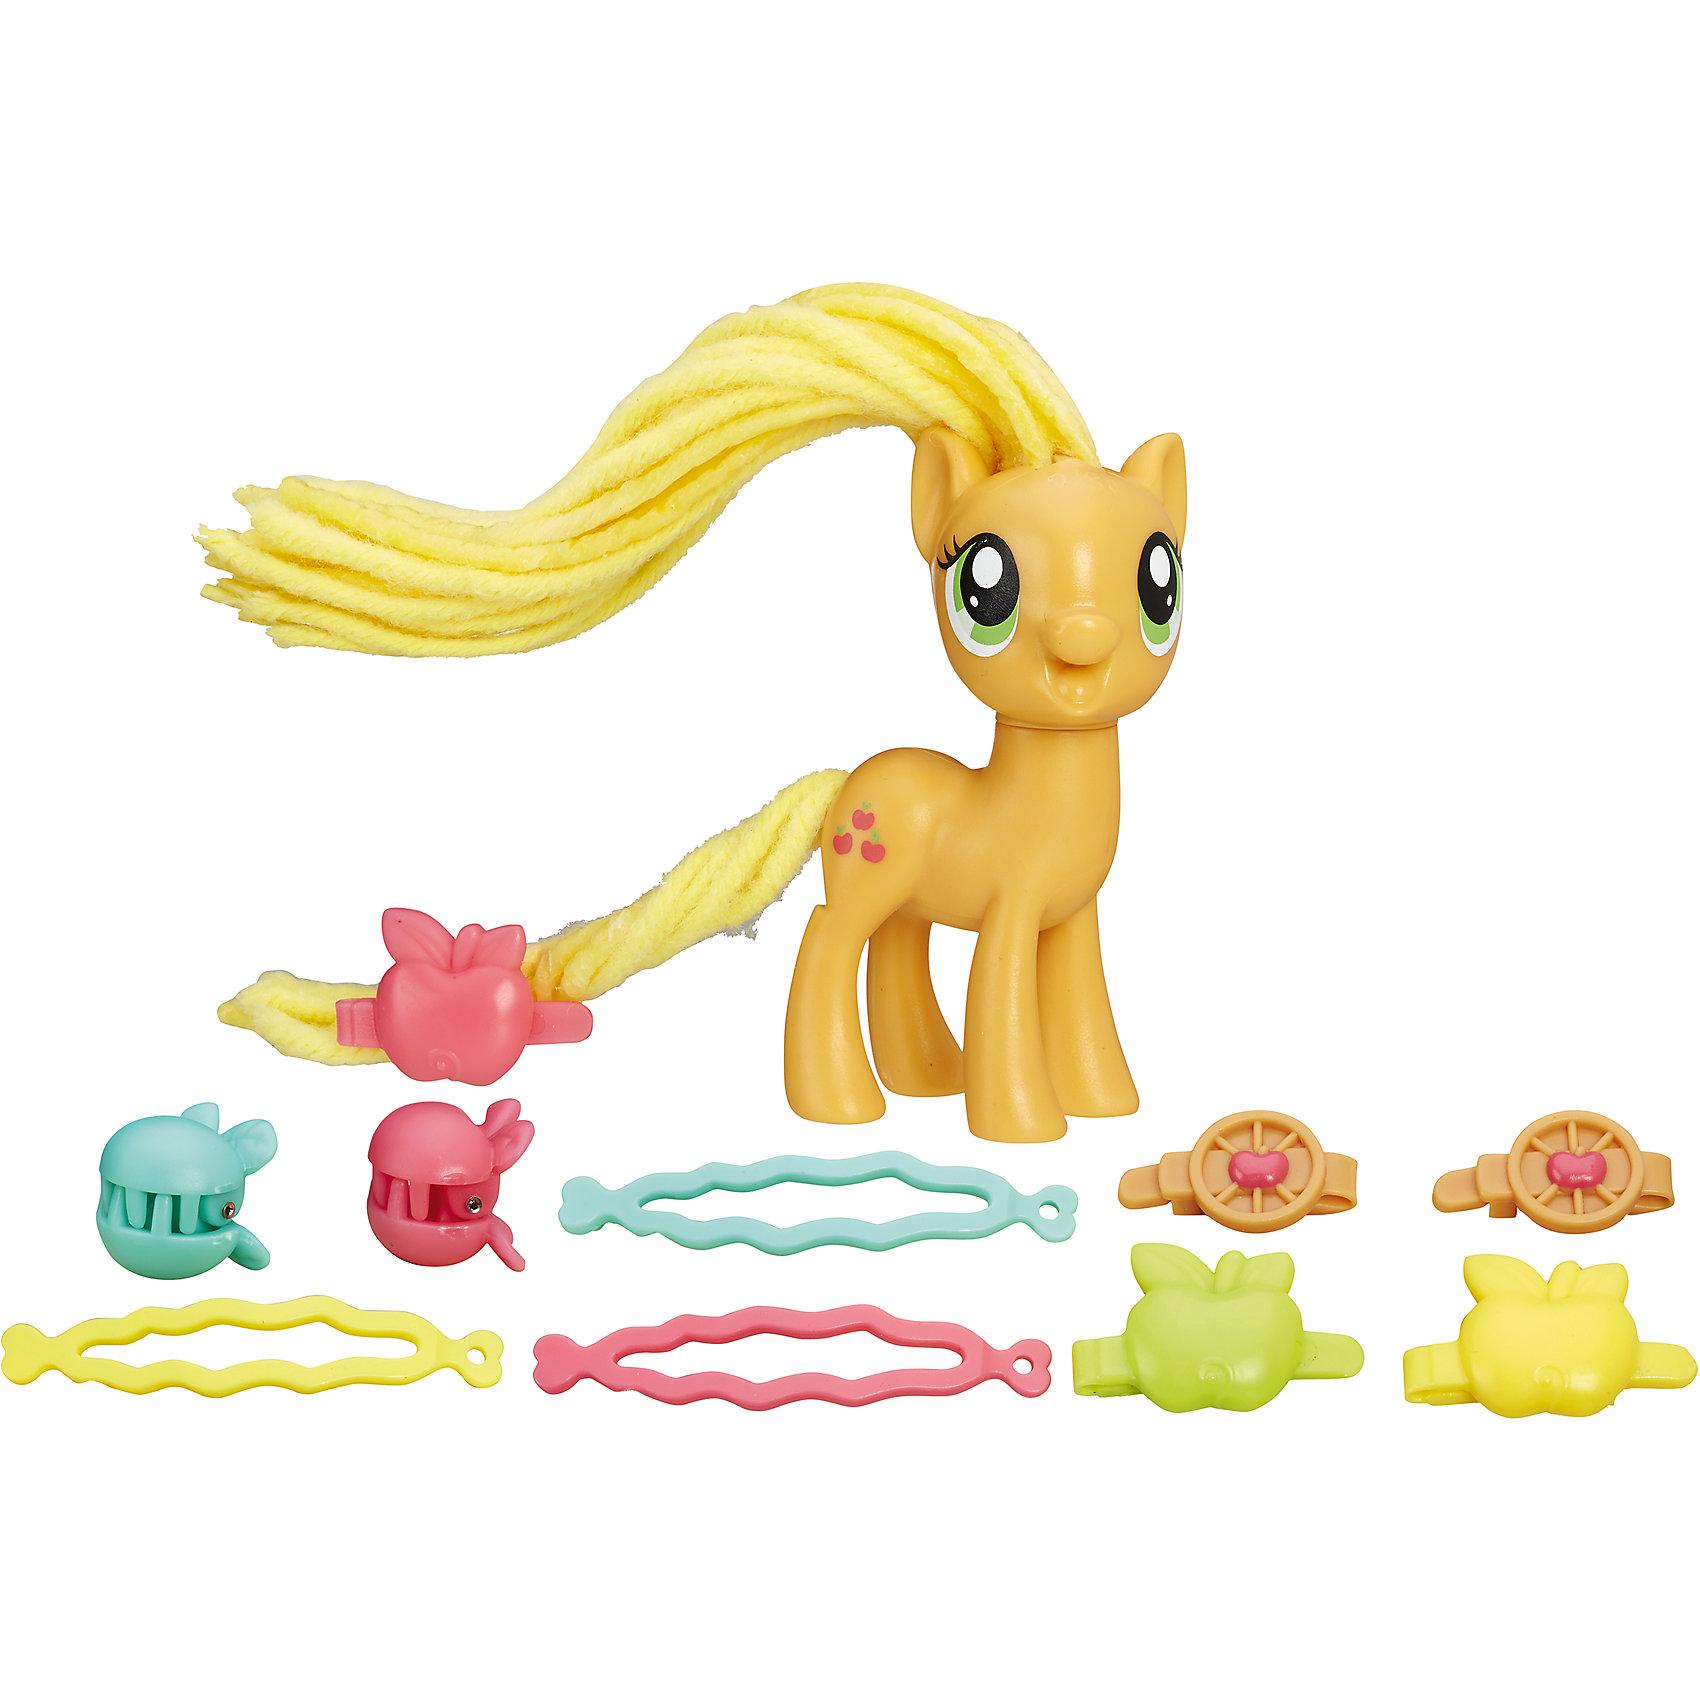 Пони с праздничными прическами, My little Pony, Эпплджек B8809/B9617Характеристики:<br><br>• Вид игр: сюжетно-ролевые, коллекционирование<br>• Пол: для девочек<br>• Коллекция: My little Pony<br>• Материал: пластик<br>• Высота фигурки: 7,5 см<br>• Комплектация: фигурка пони, плойка, ленточки для прически<br>• Гриву и хвост можно завивать и укладывать в разные прически<br>• Голова пони поворачивается в стороны<br>• На фигурке имеется сканируемая метка, которая открывает доступ и дополнительные возможности в бесплатном мобильном приложении My Little Pony Friendship Celebration<br>• Вес в упаковке: 210 г<br>• Размеры упаковки (Г*Ш*В): 27*7,5*24 см<br>• Упаковка: блистер на картонной подложке<br><br>Пони с праздничными прическами: Эпплджек, My little Pony, B8809/B9617 – это новая коллекция бренда My little Pony от Хасбро. В коллекции представлены фигурки Эпплджек, Рарити и Пинки Пай. Особенности этой коллекции заключаются в том, что у фигурок пони гривы и хвостики выполнены из материала, который можно завивать плойкой или накручивать на бигуди. Эти инструменты для создания локонов предусмотрены в комплекте. Благодаря такой завивки можно создать красивые локоны у пони, которые долго держаться. Для создания праздничной прически в зависимости от комплекта в наборе предусмотрены разноцветные заколки и ленточки. Фигурки и аксессуары выполнены из экологически безопасного и прочного пластика, который устойчив к физическим и механическим повреждениям, окрашены нетоксичными яркими красками, которые не изменяют свой цвет даже при длительной эксплуатации. Игры с такими фигурками будут способствовать развитию фантазии, воображения, научат девочку следить за своим внешним видом. Пони с праздничными прическами: Эпплджек, My little Pony, B8809/B9617 – это замечательный подарок для девочки к любому празднику!<br><br>Пони с праздничными прическами: Эпплджек, My little Pony, B8809/B9617 можно купить в нашем интернет-магазине.<br><br>Ширина мм: 52<br>Глубина мм: 206<br>Высота мм: 197<br>Ве